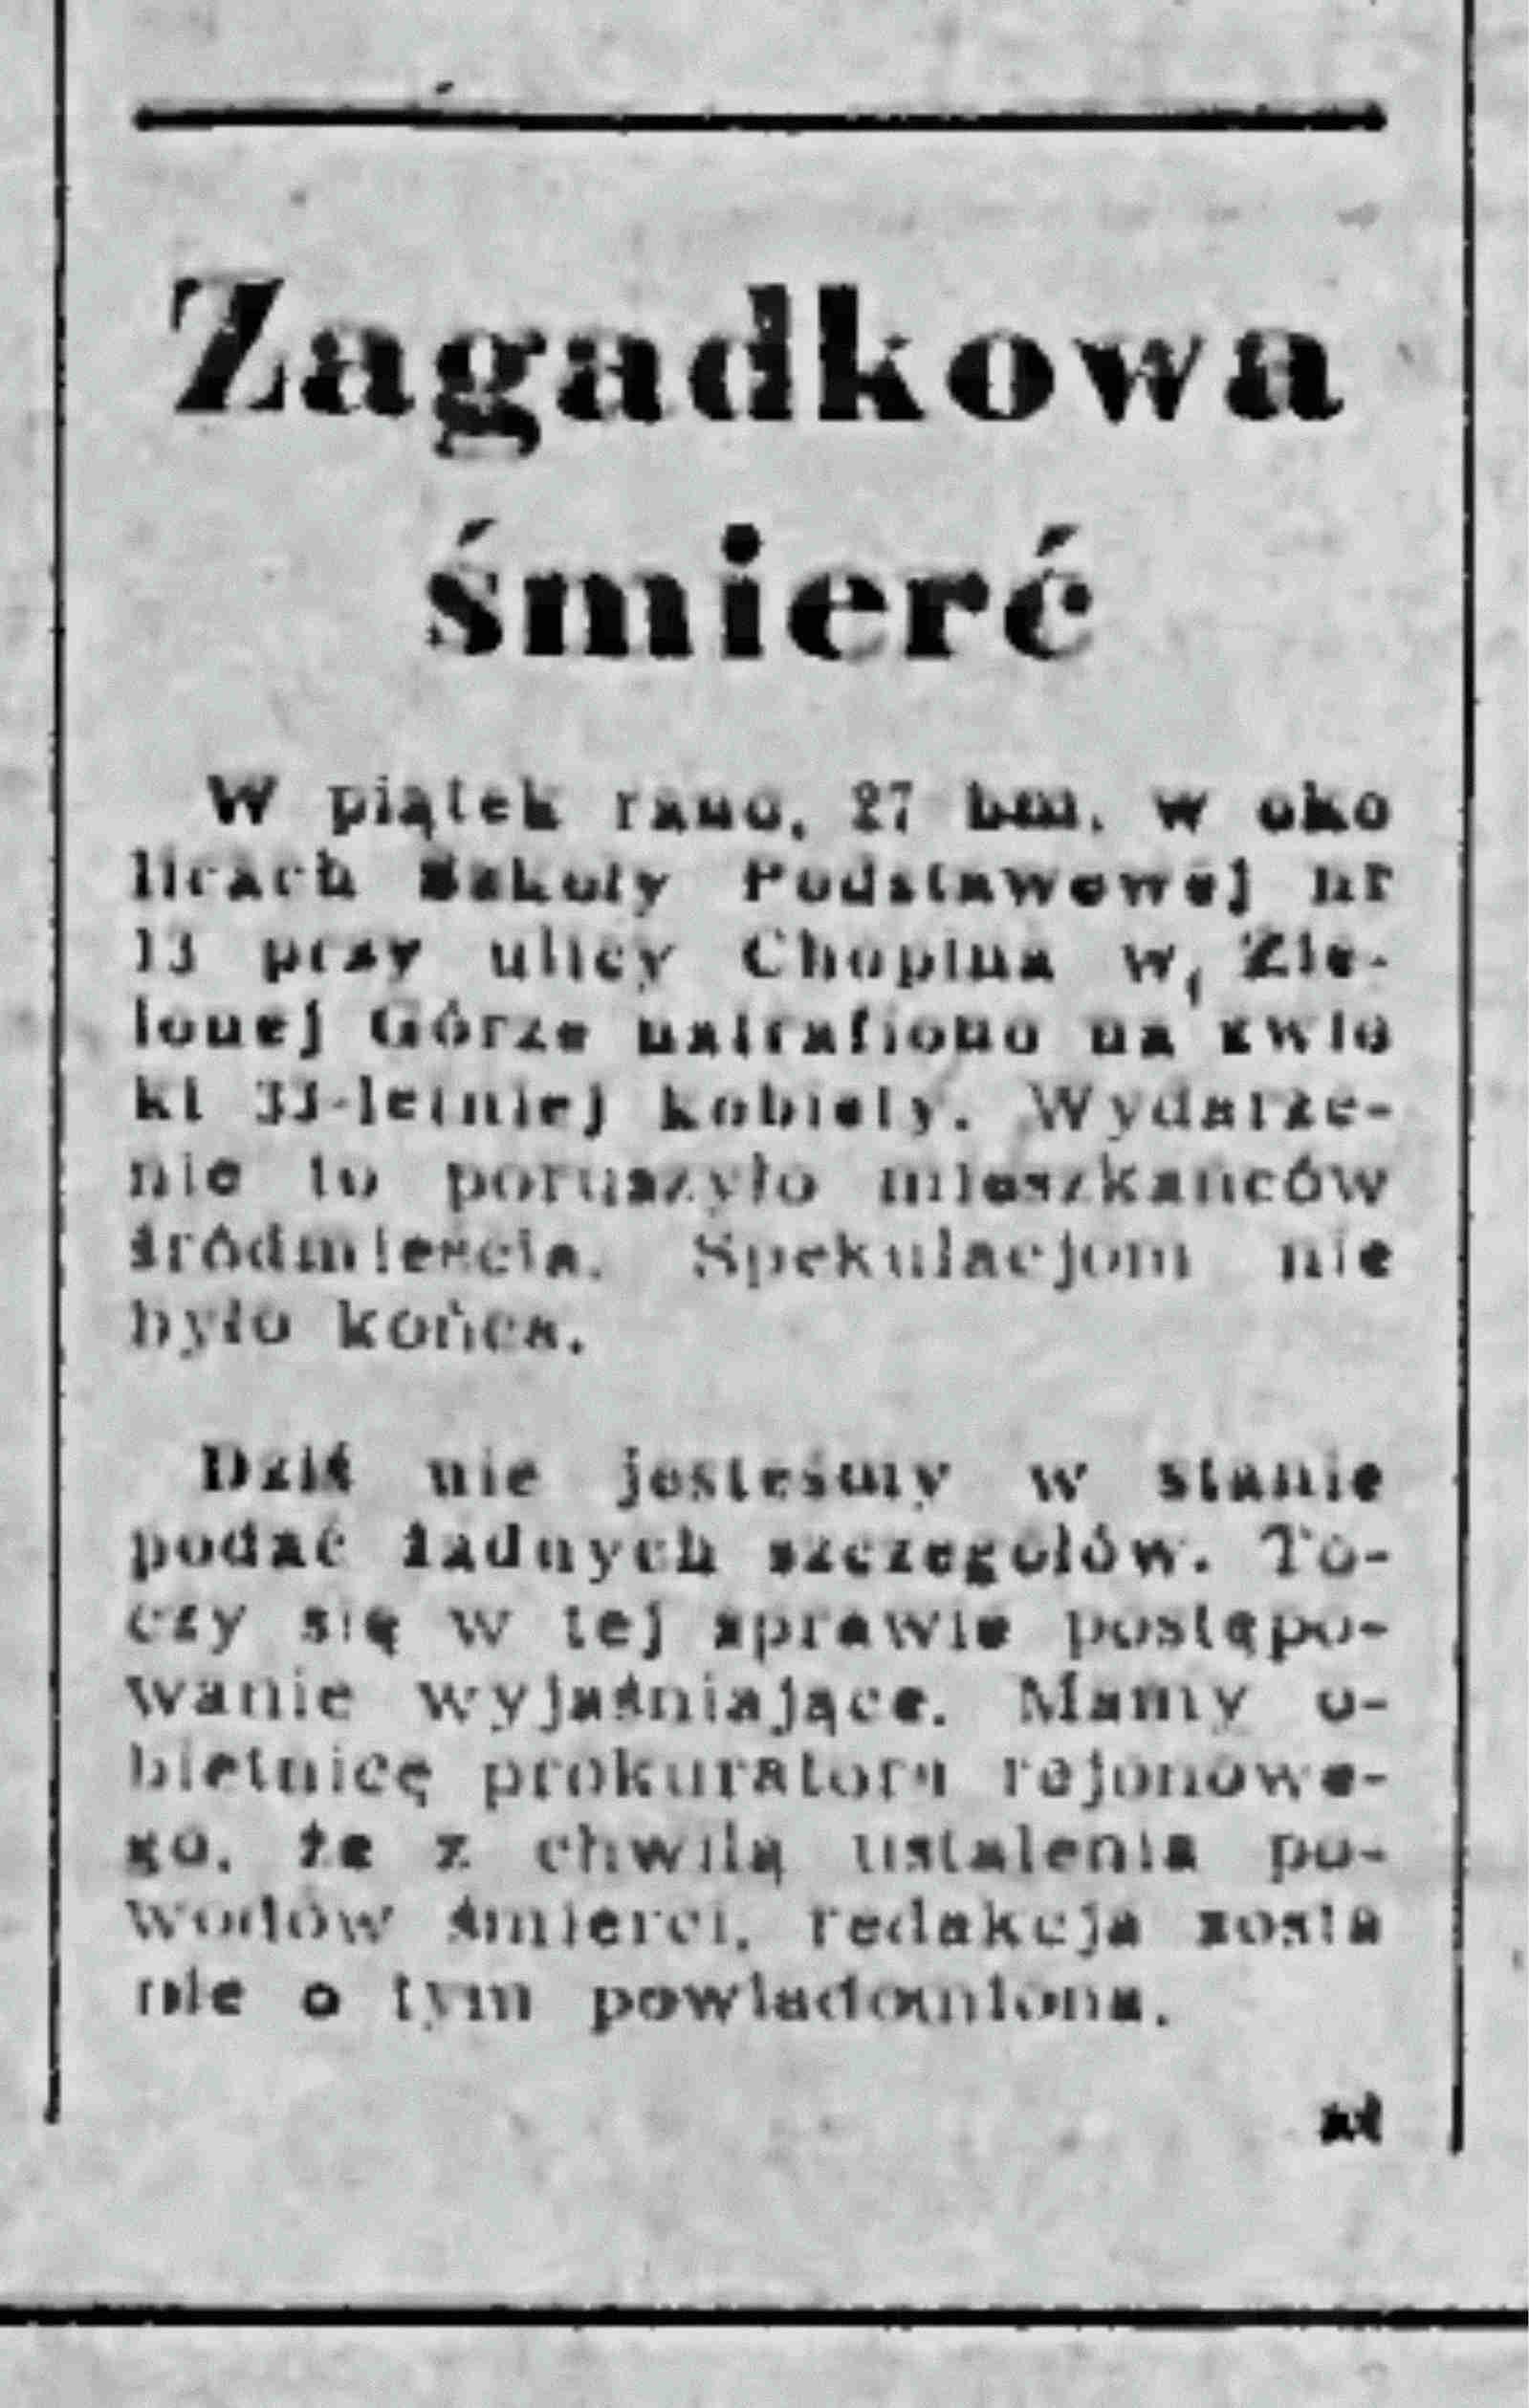 Gazeta Lubuska 29.11.1987